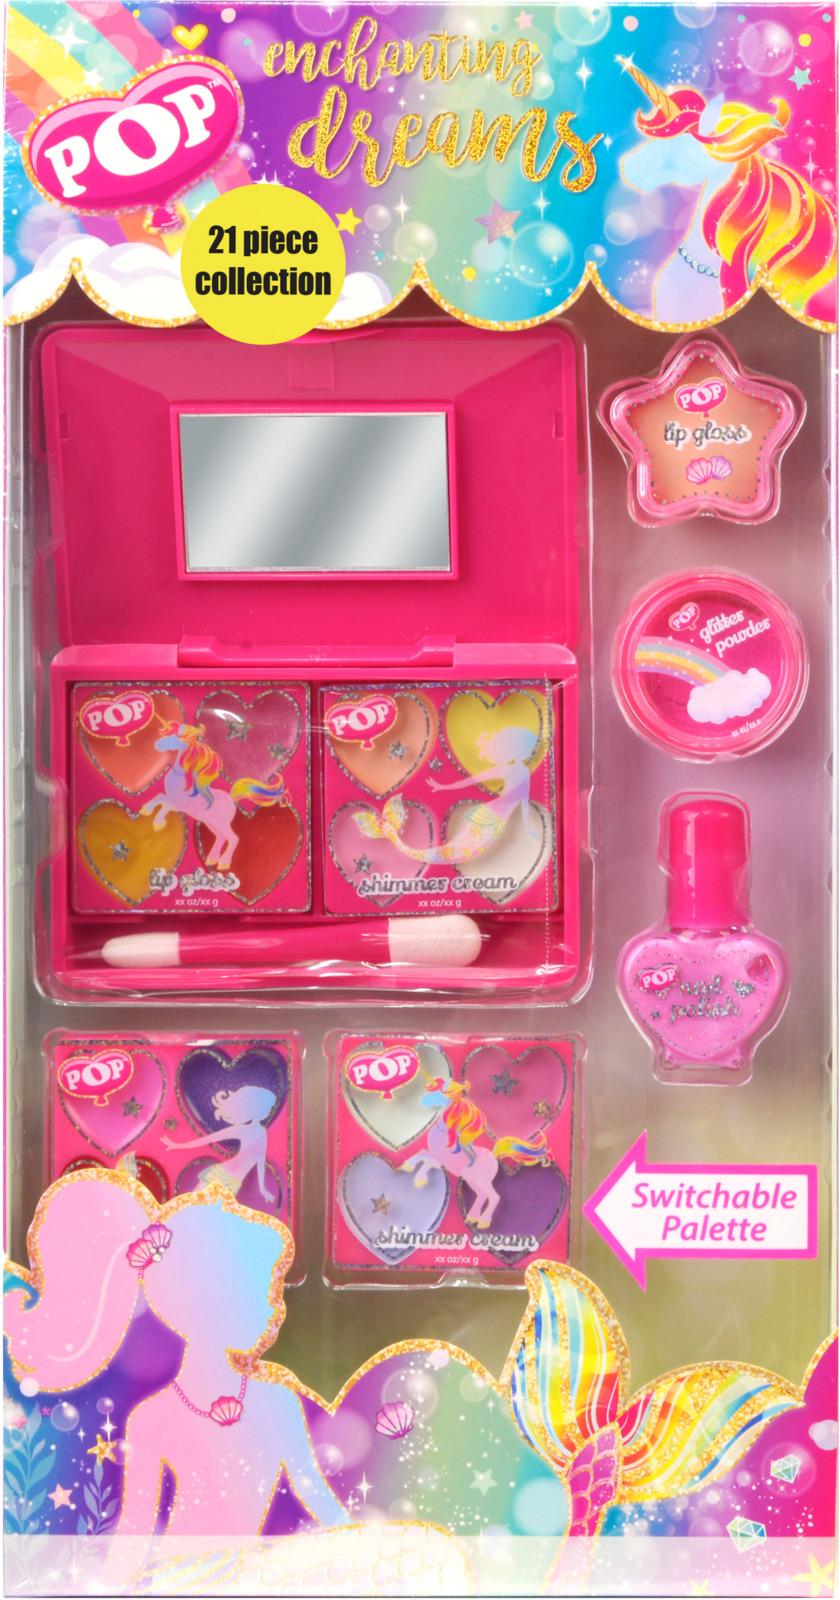 Игровой набор детской декоративной косметики Markwins POP, для лица и ногтей игровой набор детской декоративной косметики markwins pop для губ и ногтей 3605251